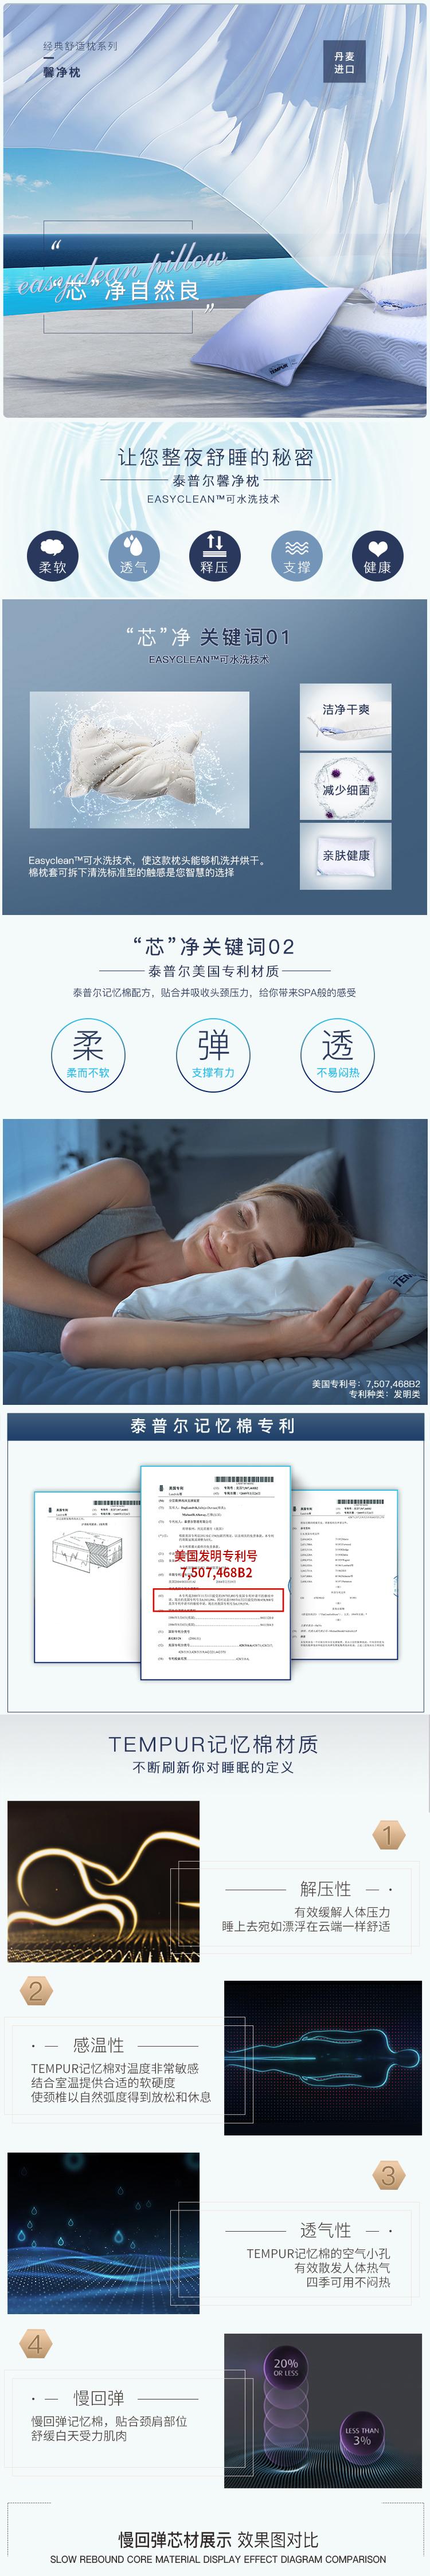 馨净枕-750-洗标证书修改_01.jpg